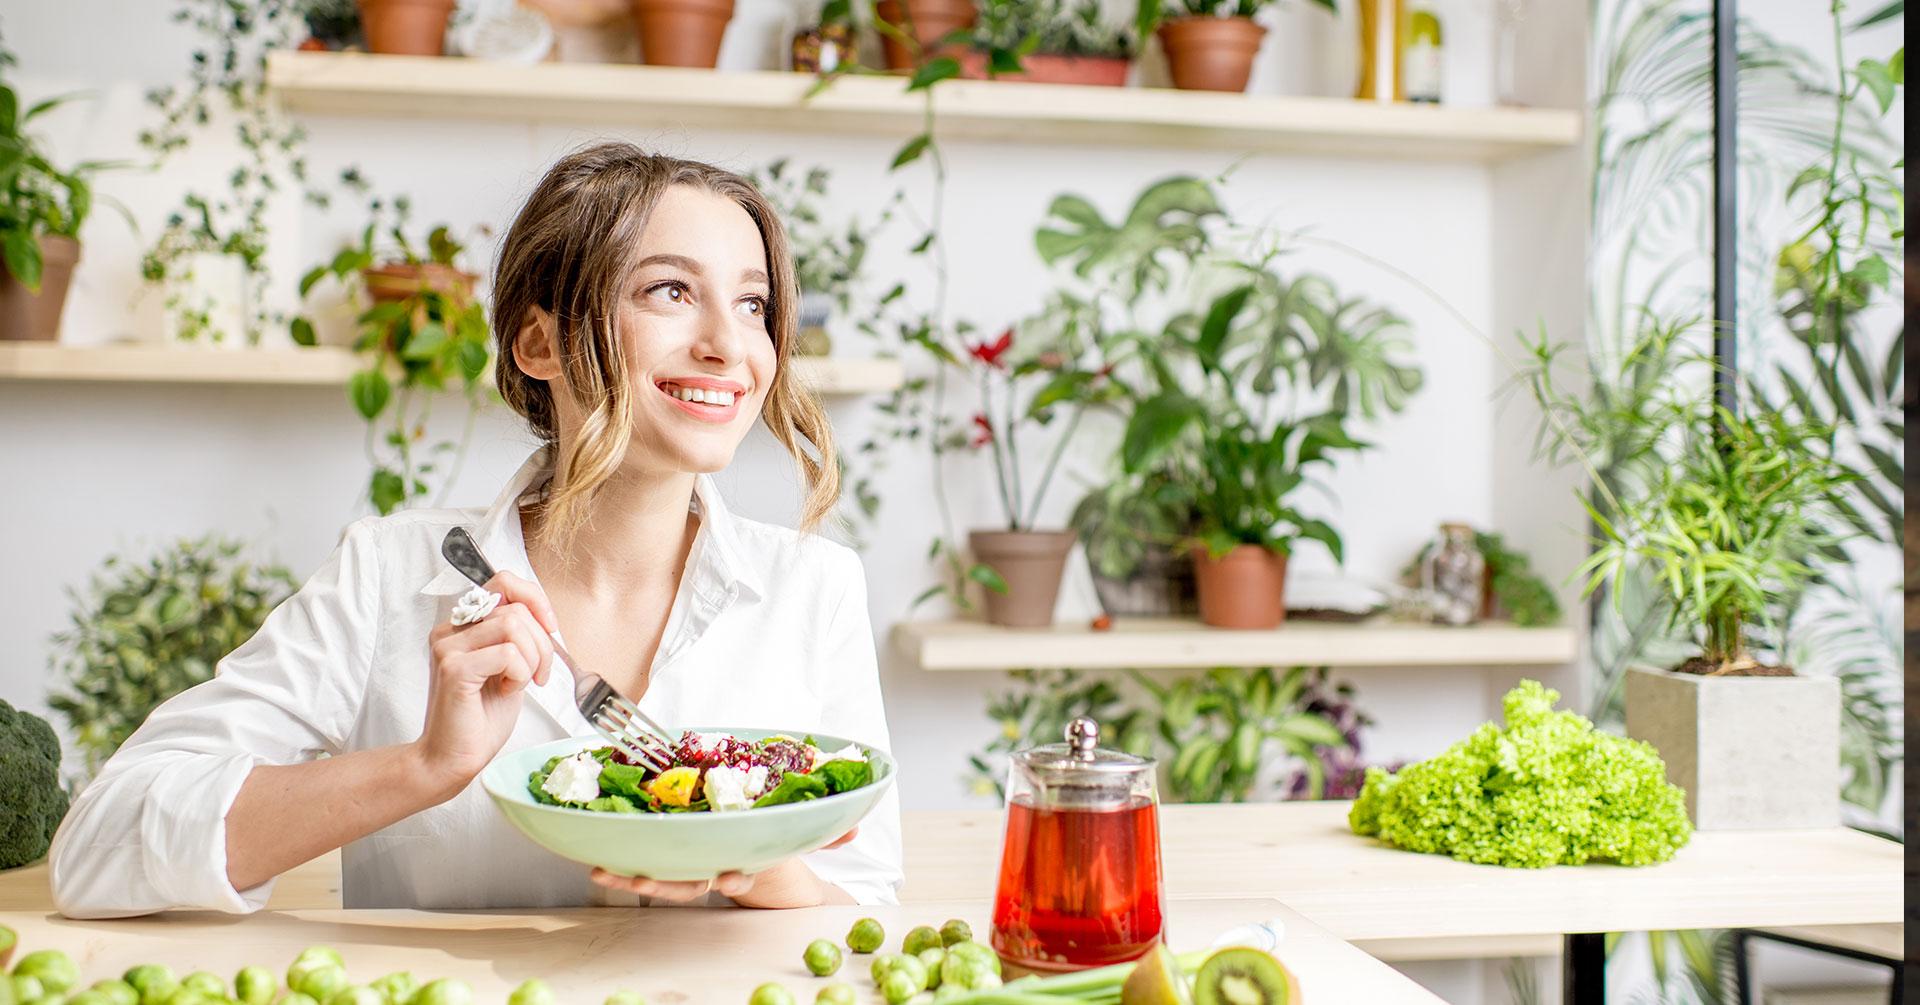 Los beneficios de tener una buena alimentación en tu día a día